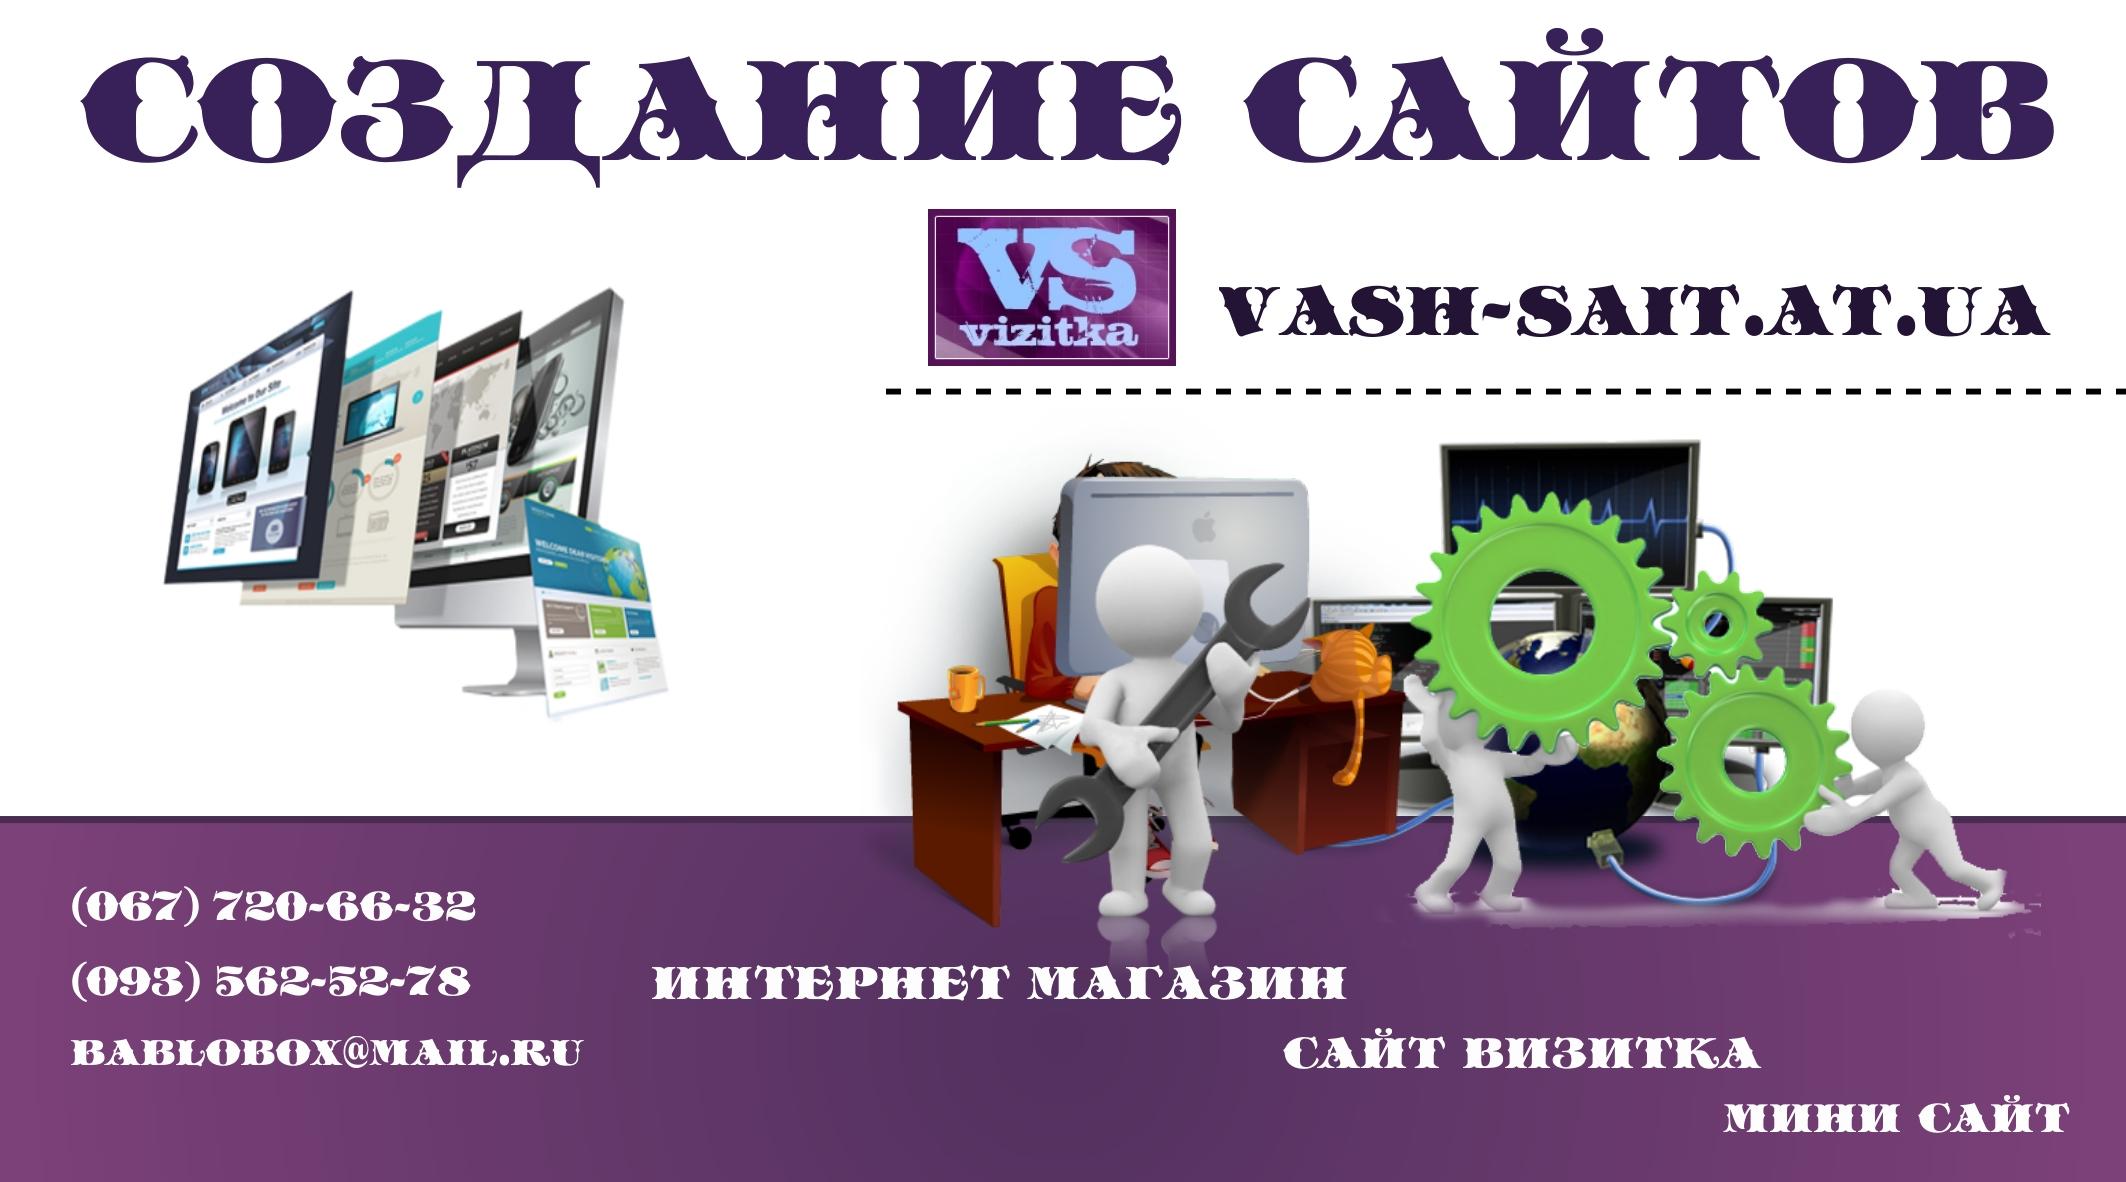 Создать сайт визитку в Виннице